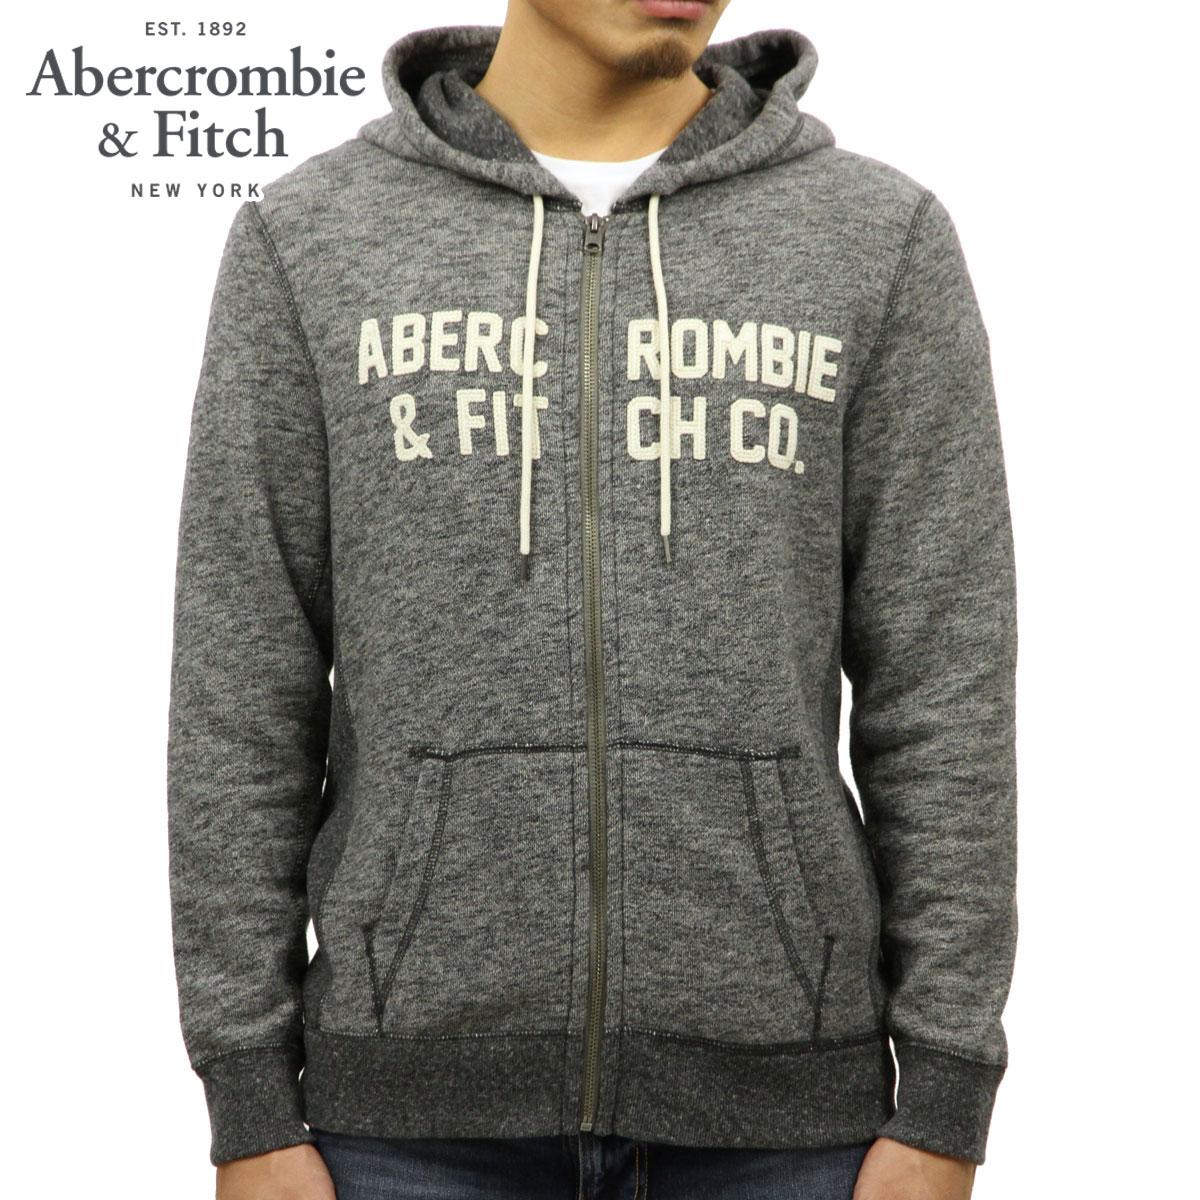 アバクロ Abercrombie&Fitch 正規品 メンズ ジップアップパーカー GRAPHIC FULL-ZIP HOODIE 122-232-0768-122